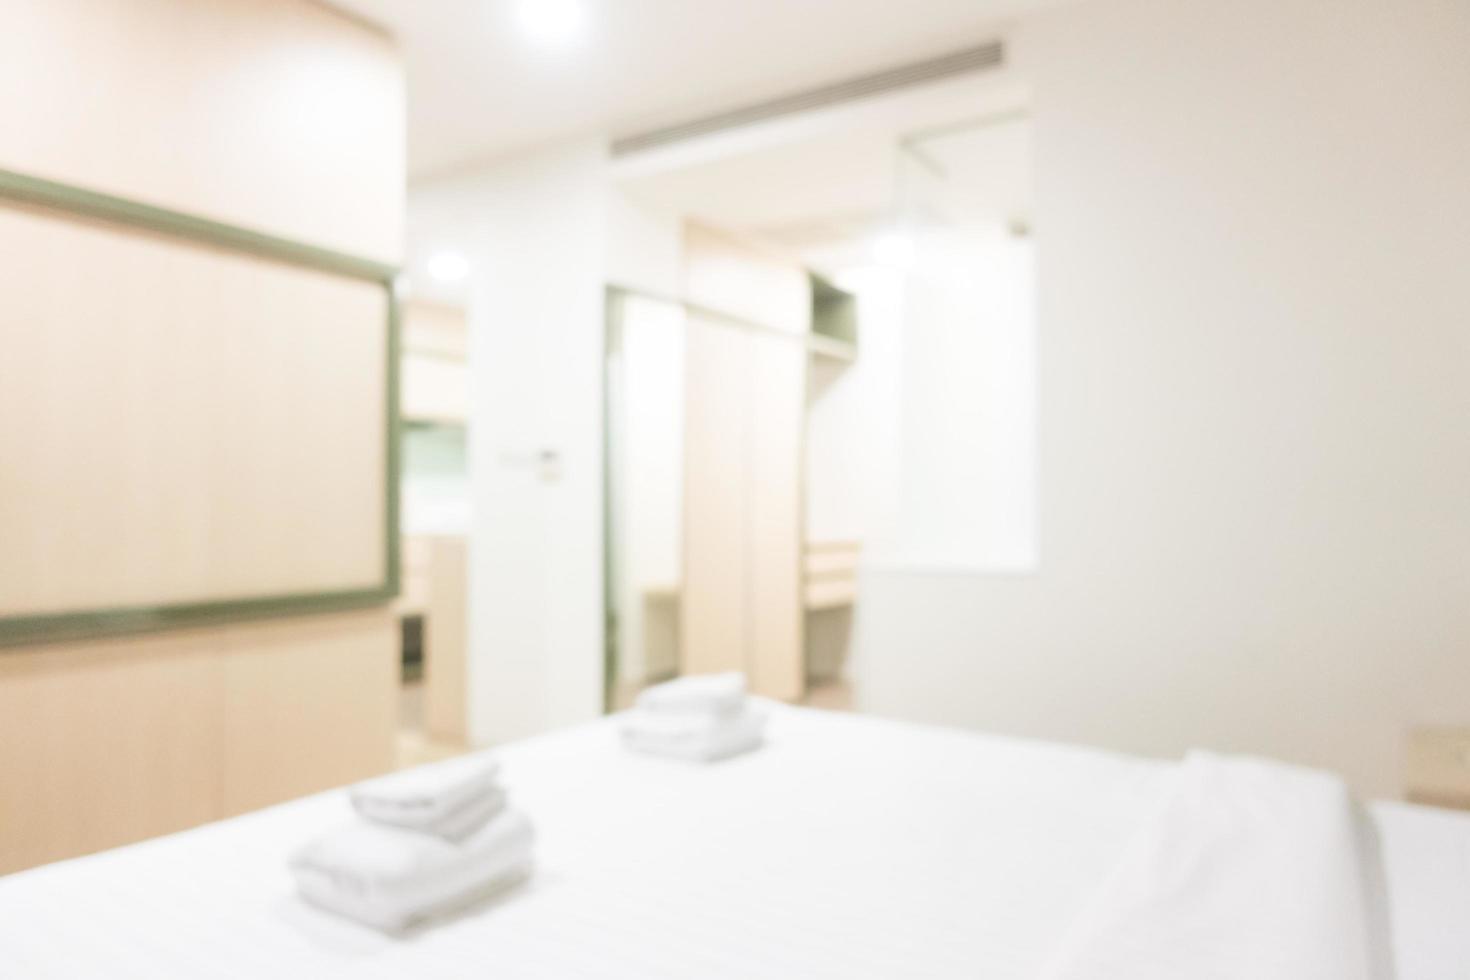 Intérieur de chambre d'hôtel flou abstrait photo